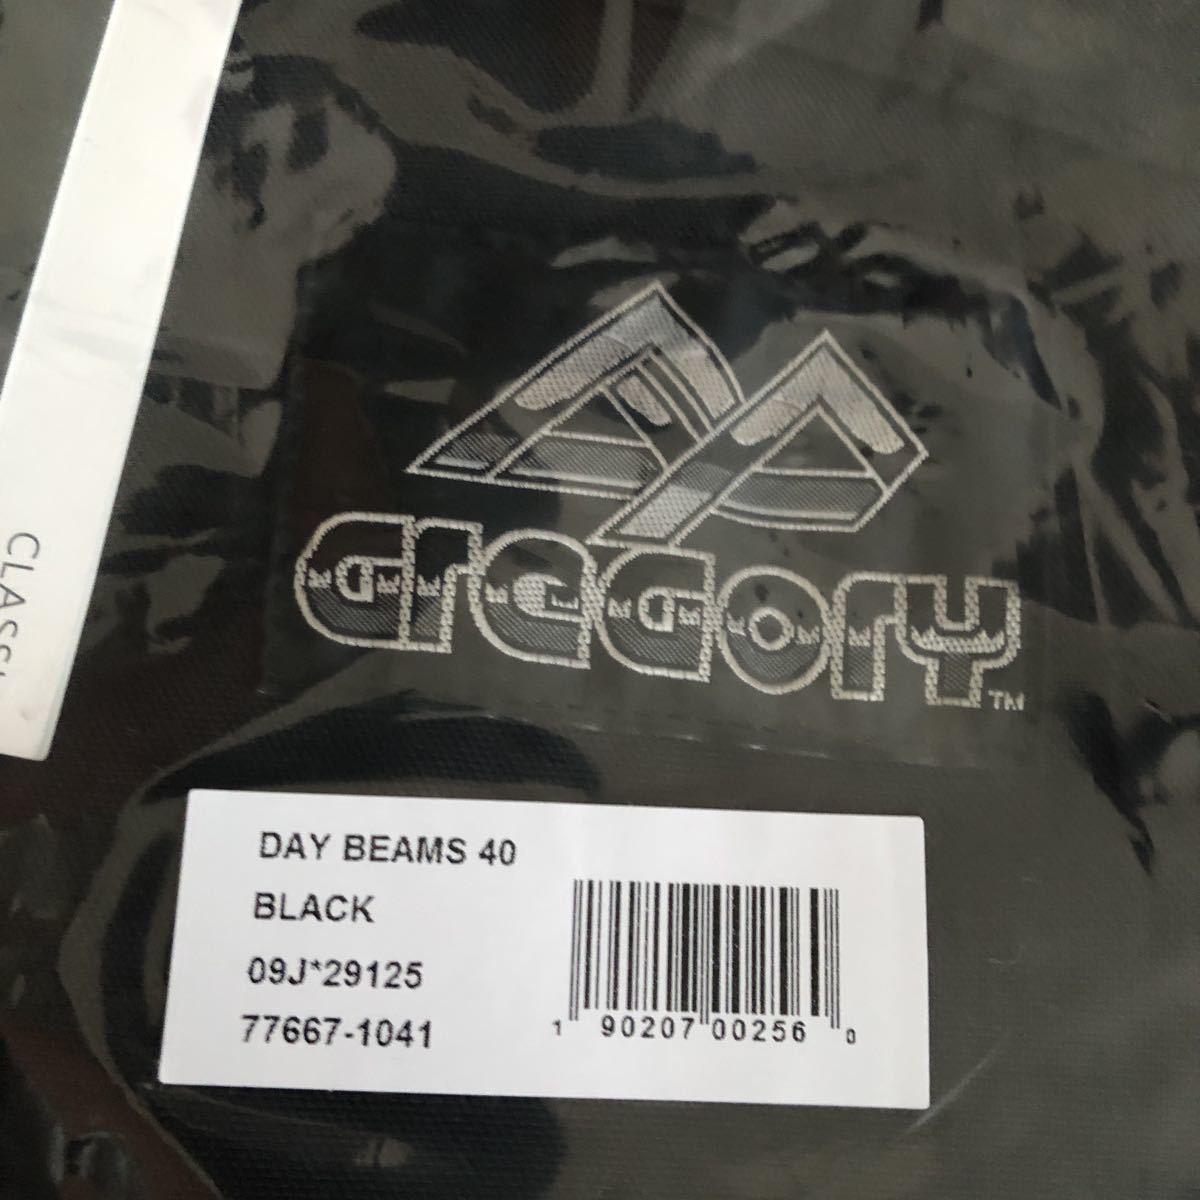 新品 グレゴリー 旧紫タグ 完全復刻 ビームス コラボ デイパック リュック バッグ 黒ブラック GREGORY BEAMS バックパック 40周年